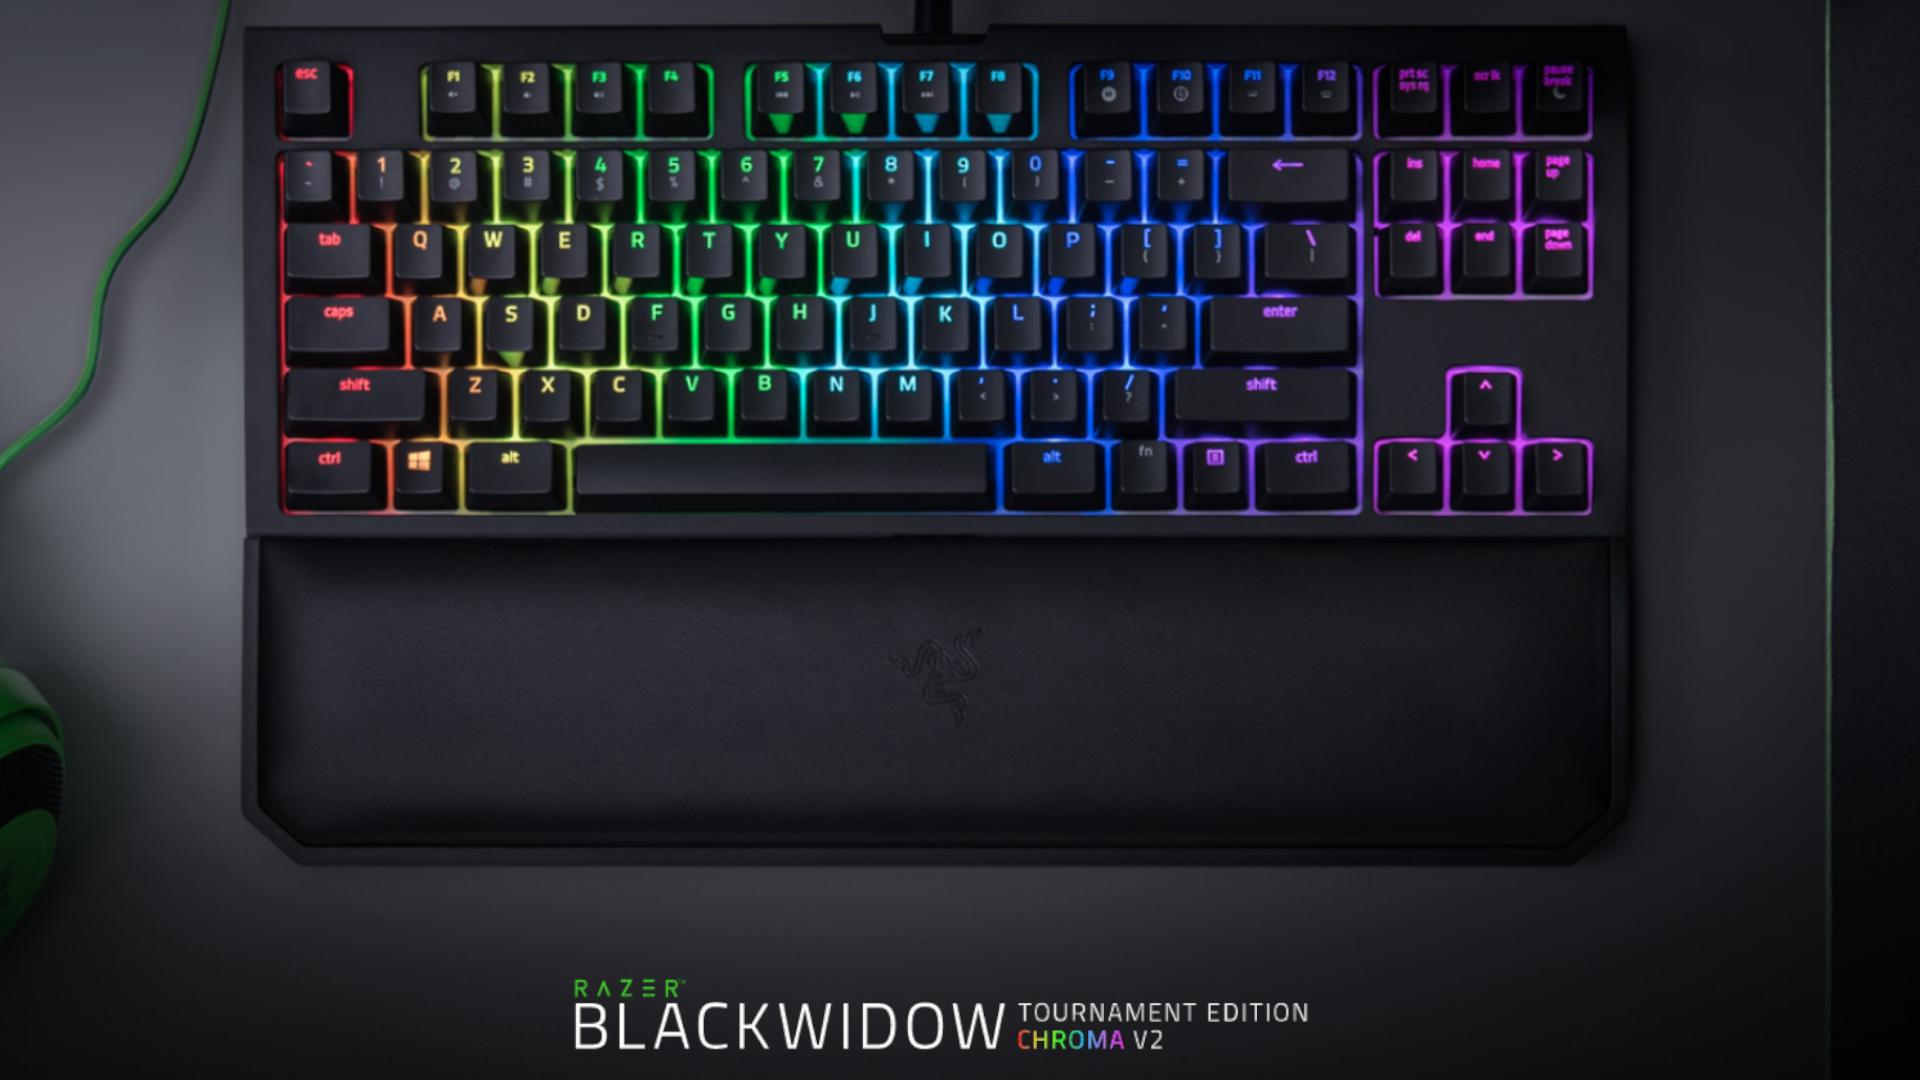 O Teclado Razer Blackwidow Tournament Chroma V2 é um teclado gamer mecânico pensado para uso competitivo (Foto: Divulgação/Razer)